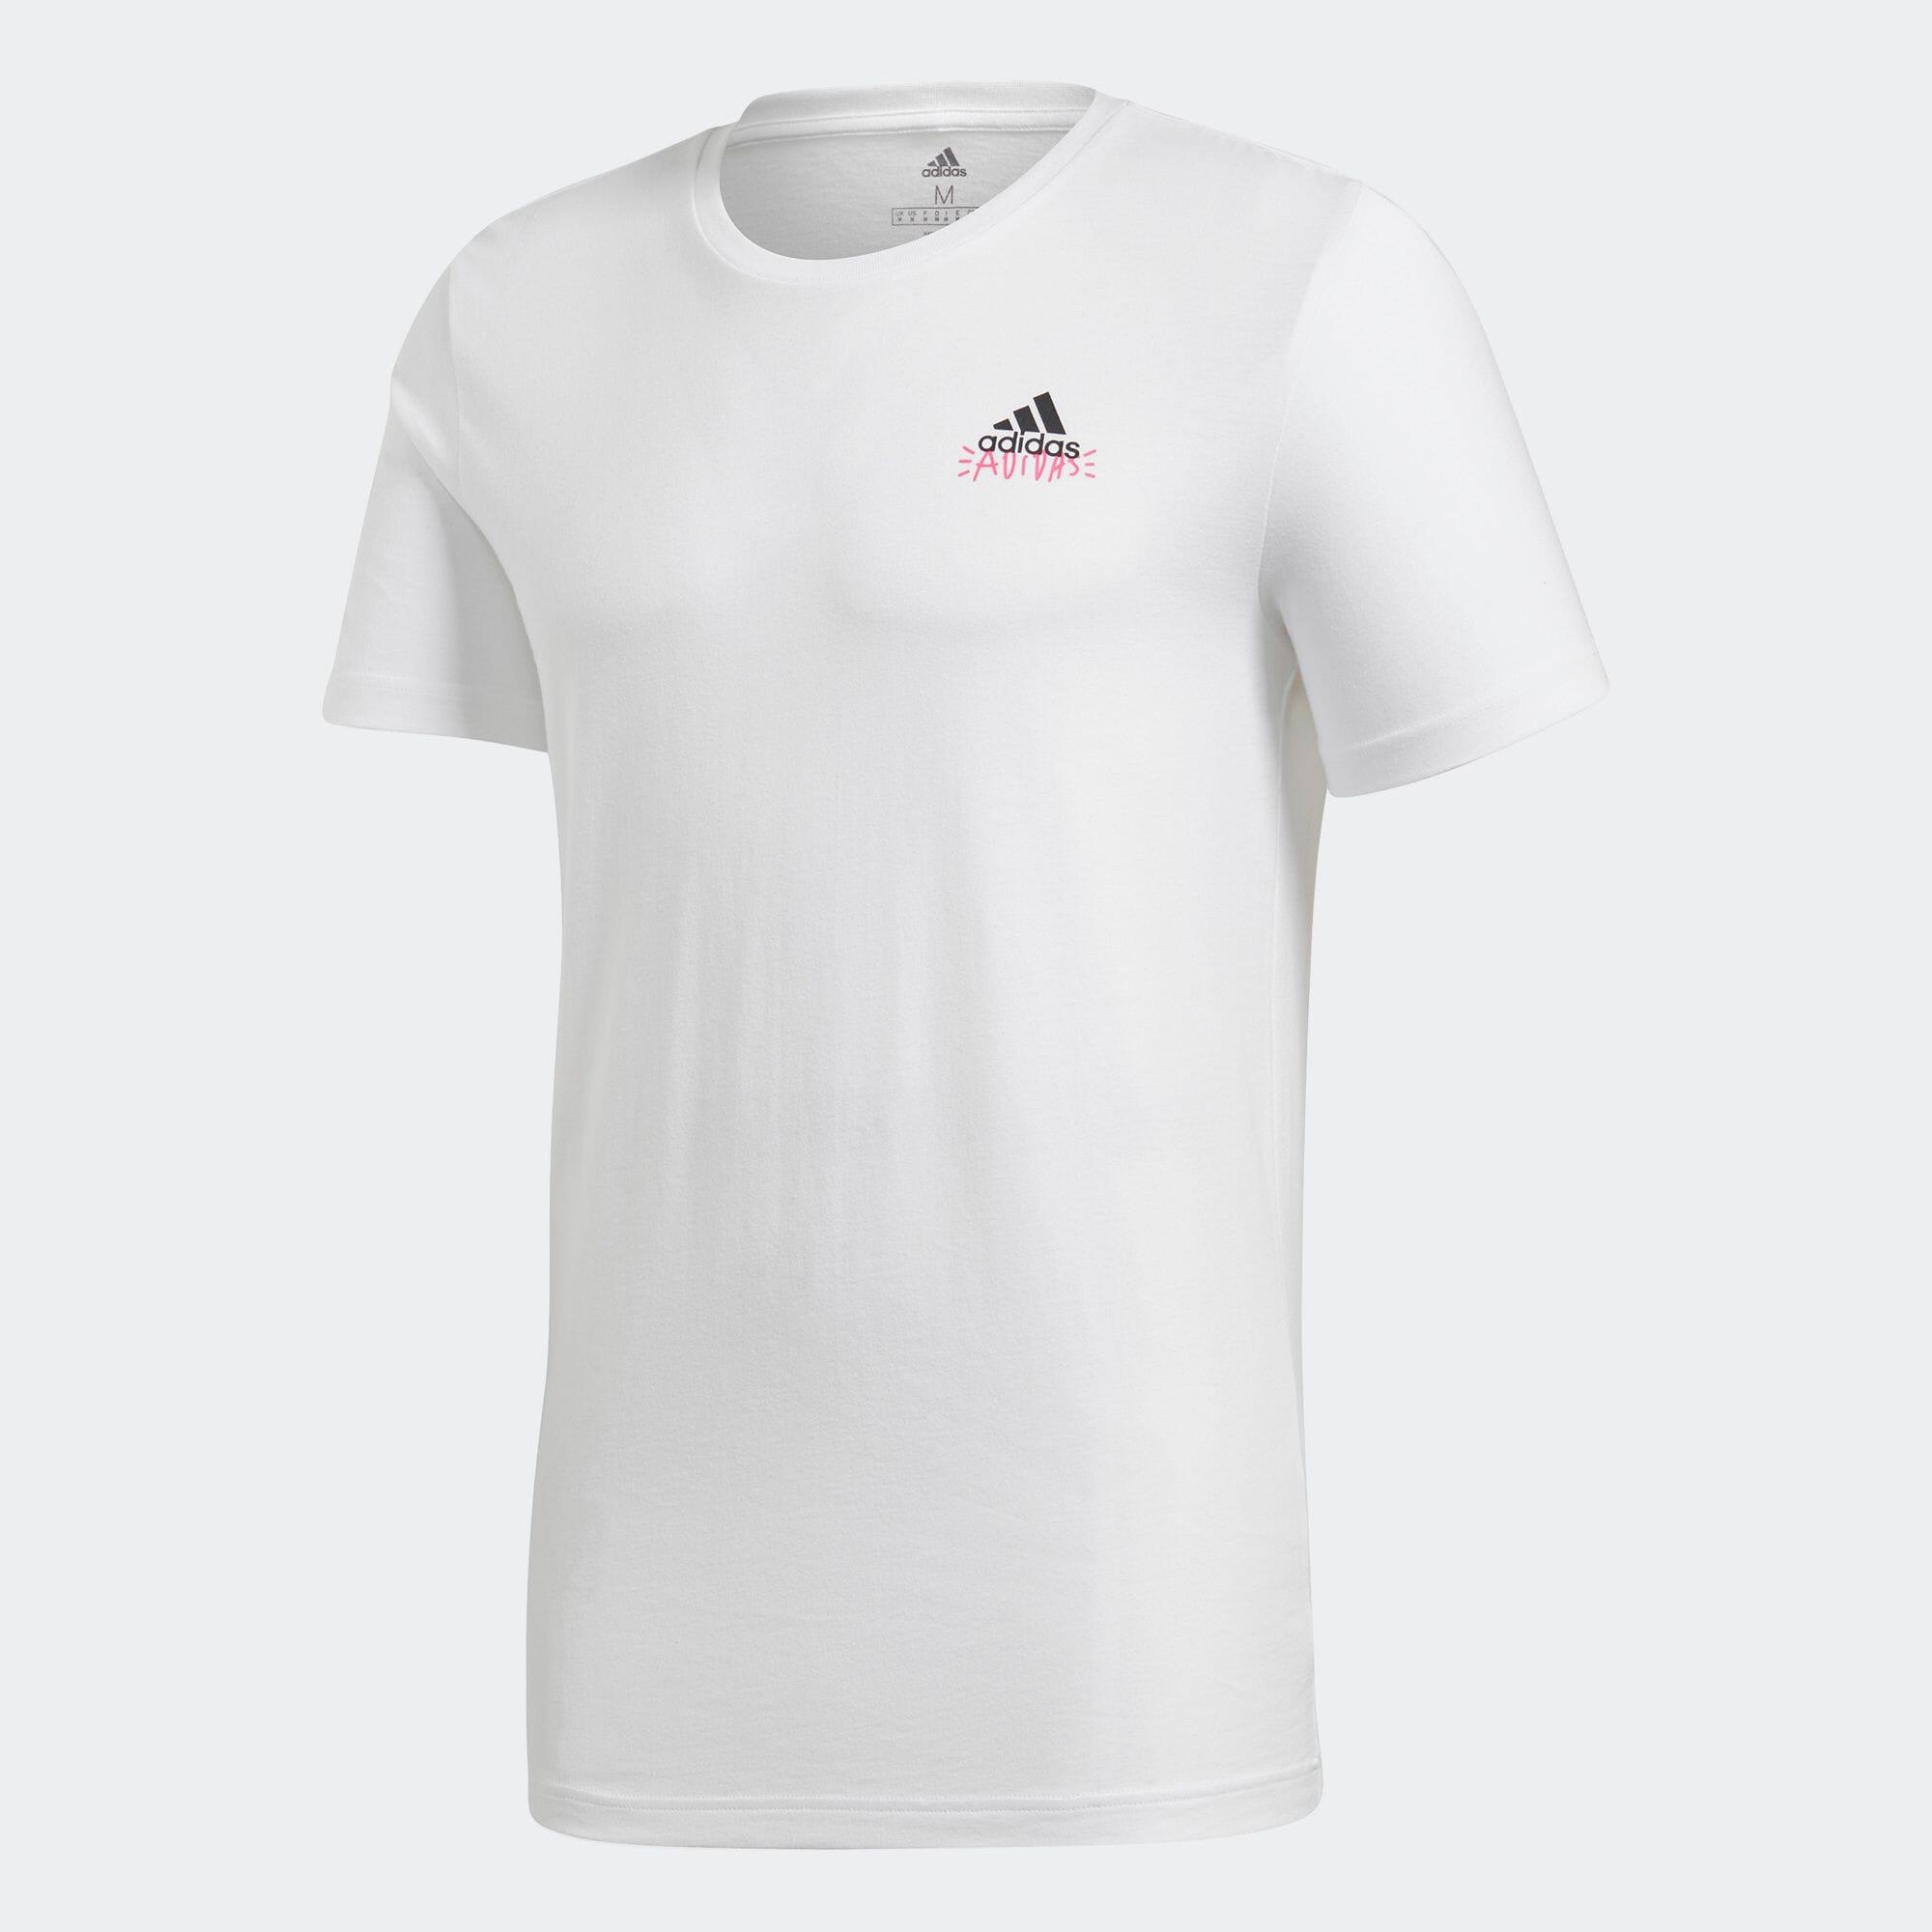 M Doodle Emblem Tシャツ